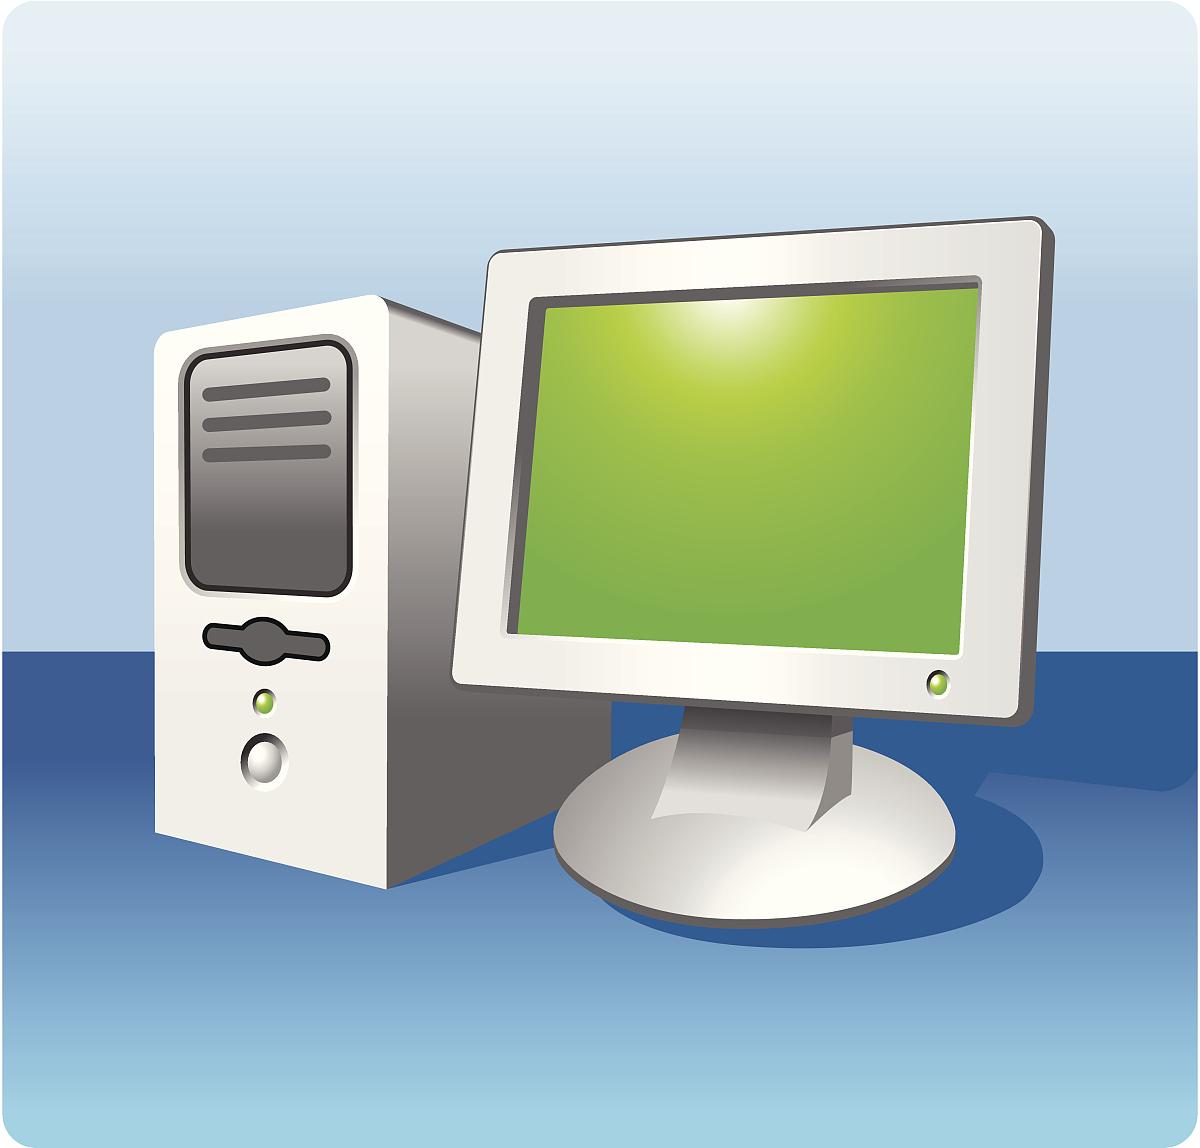 人造物,塔,显示器,台式个人电脑,平坦的,电器,无人,计算机,图像图片